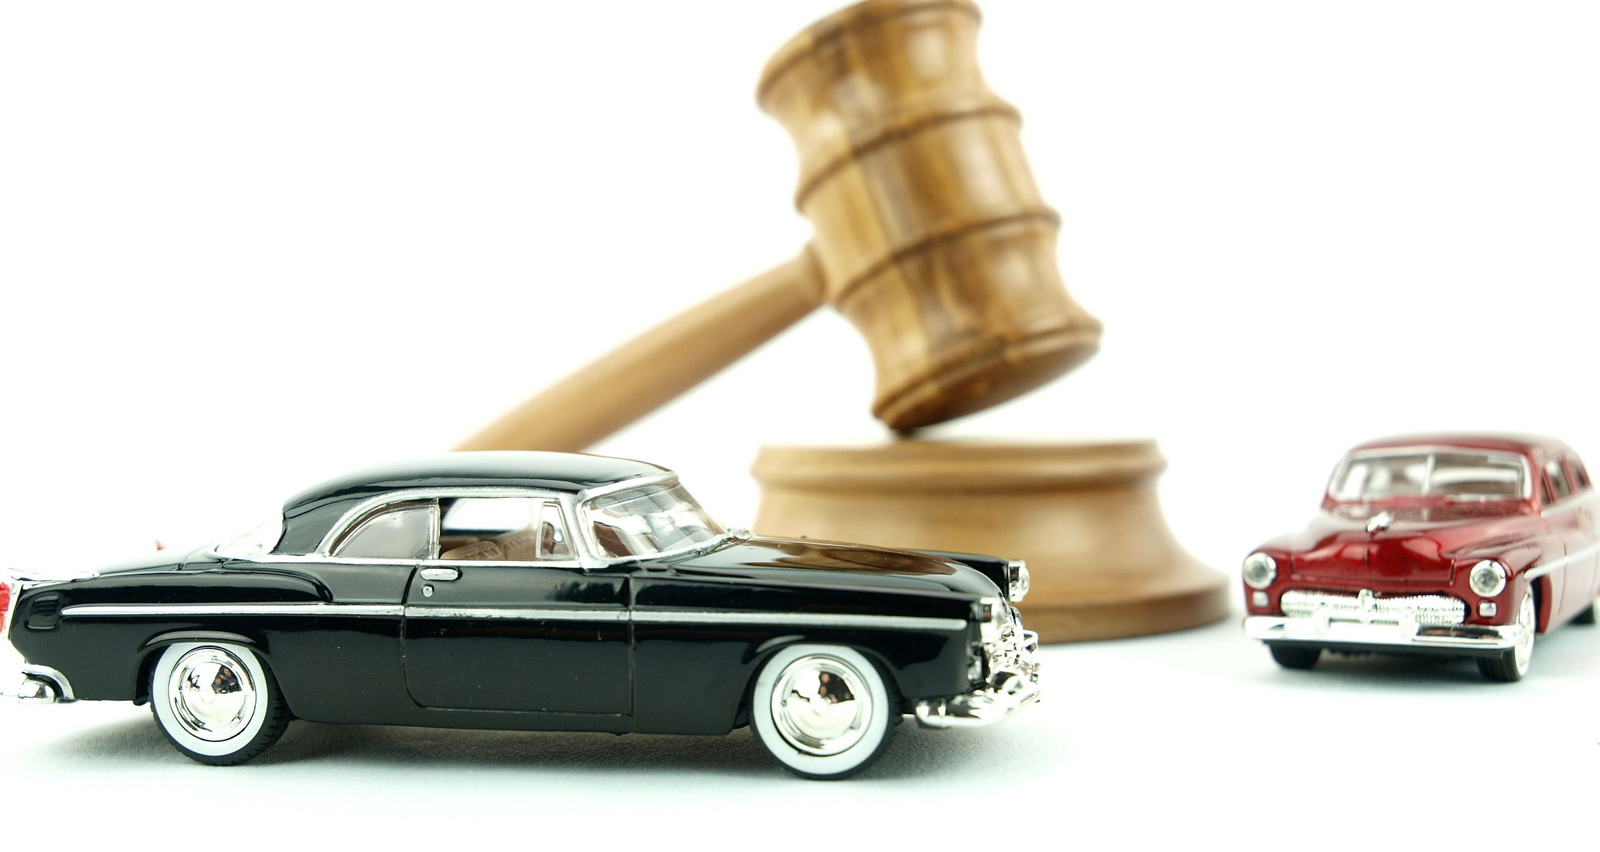 Самые дорогие автомобили, проданные на аукционах: ТОР-10